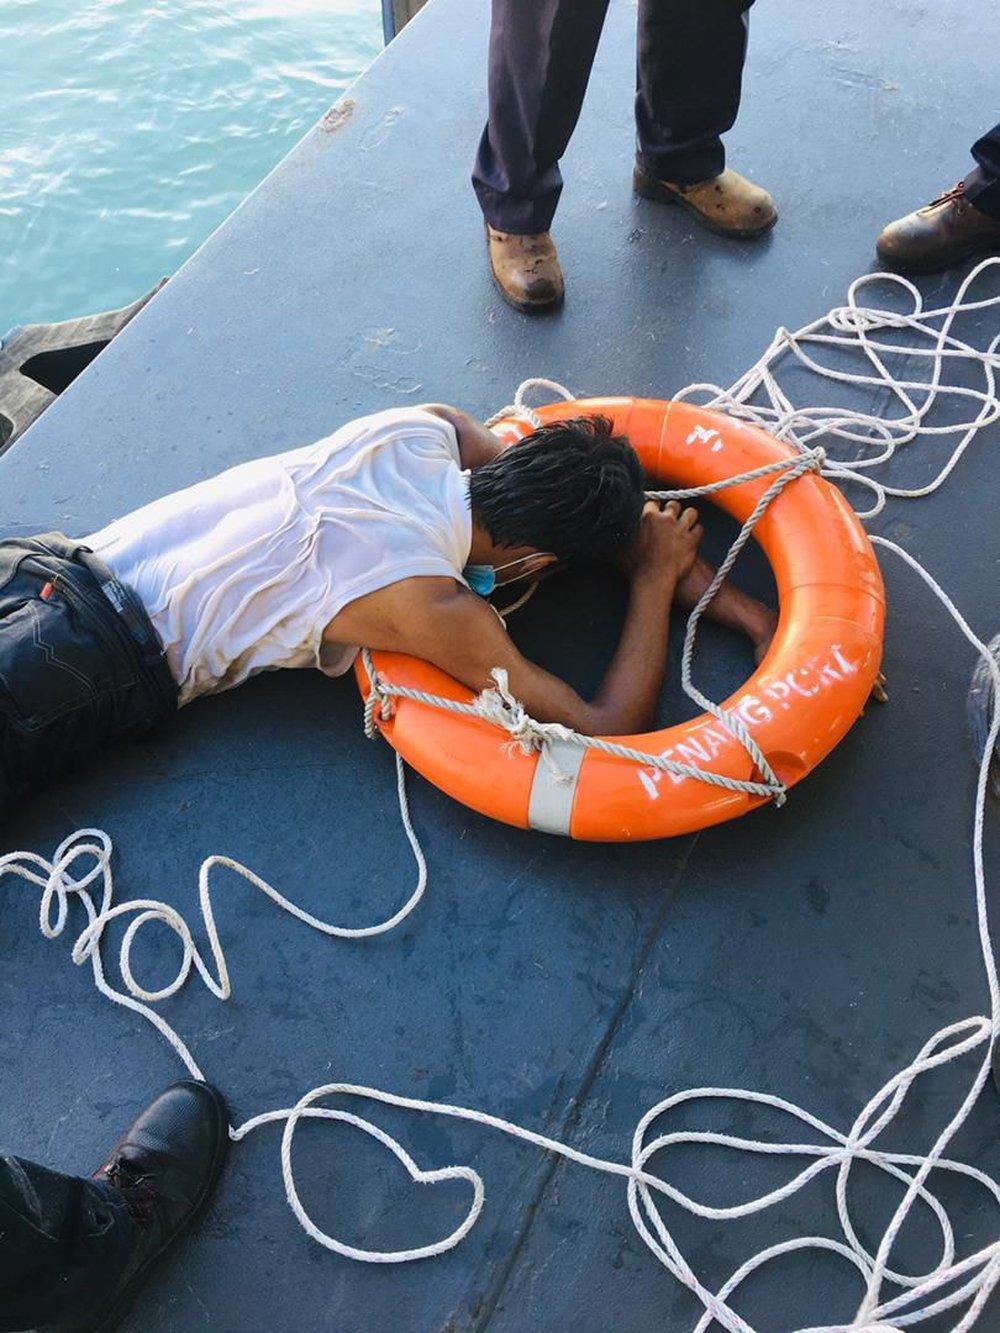 Không có giấy thông hành, thanh niên bơi qua eo biển để gặp bạn và cái kết khiến anh ta chừa đến già - Ảnh 4.